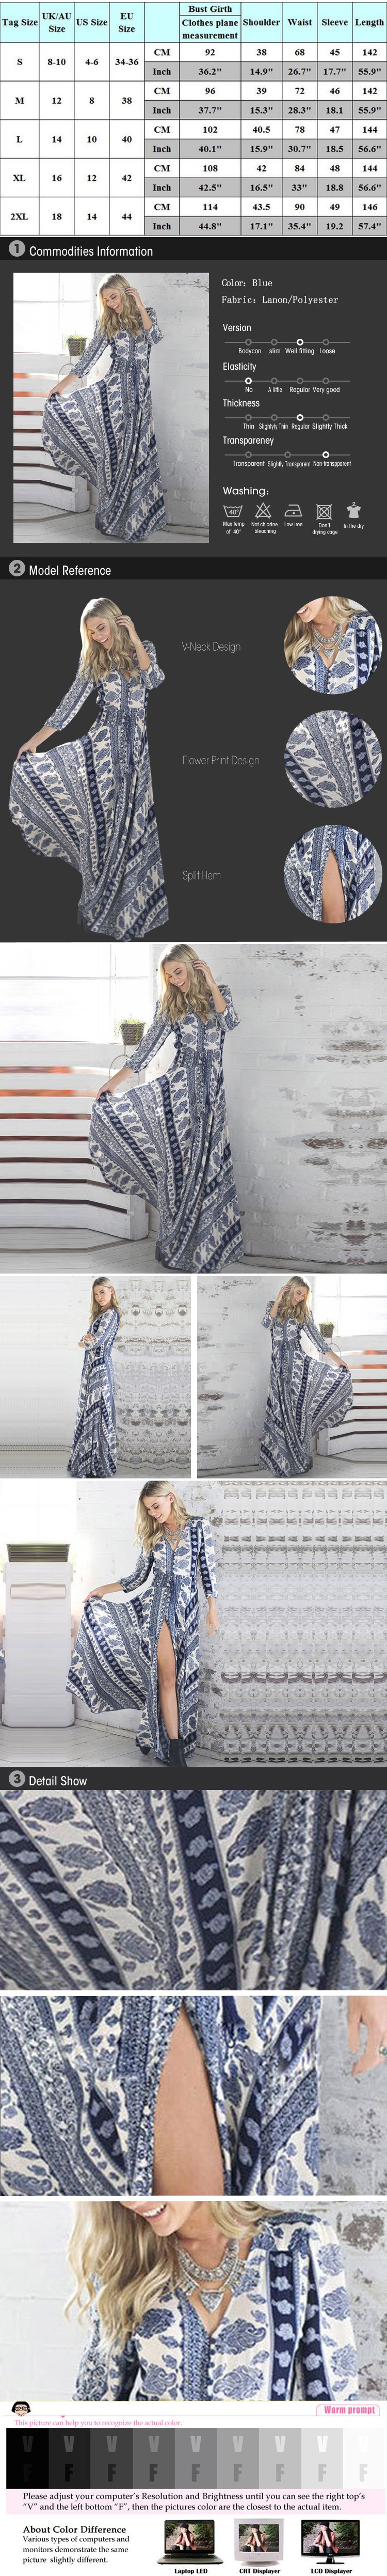 b4a0e1ee72 Maxi długi vintage dress nowy styl europejski three quarter rękawem v-neck  print dress kobiety moda sexy wiosna lato sukienki